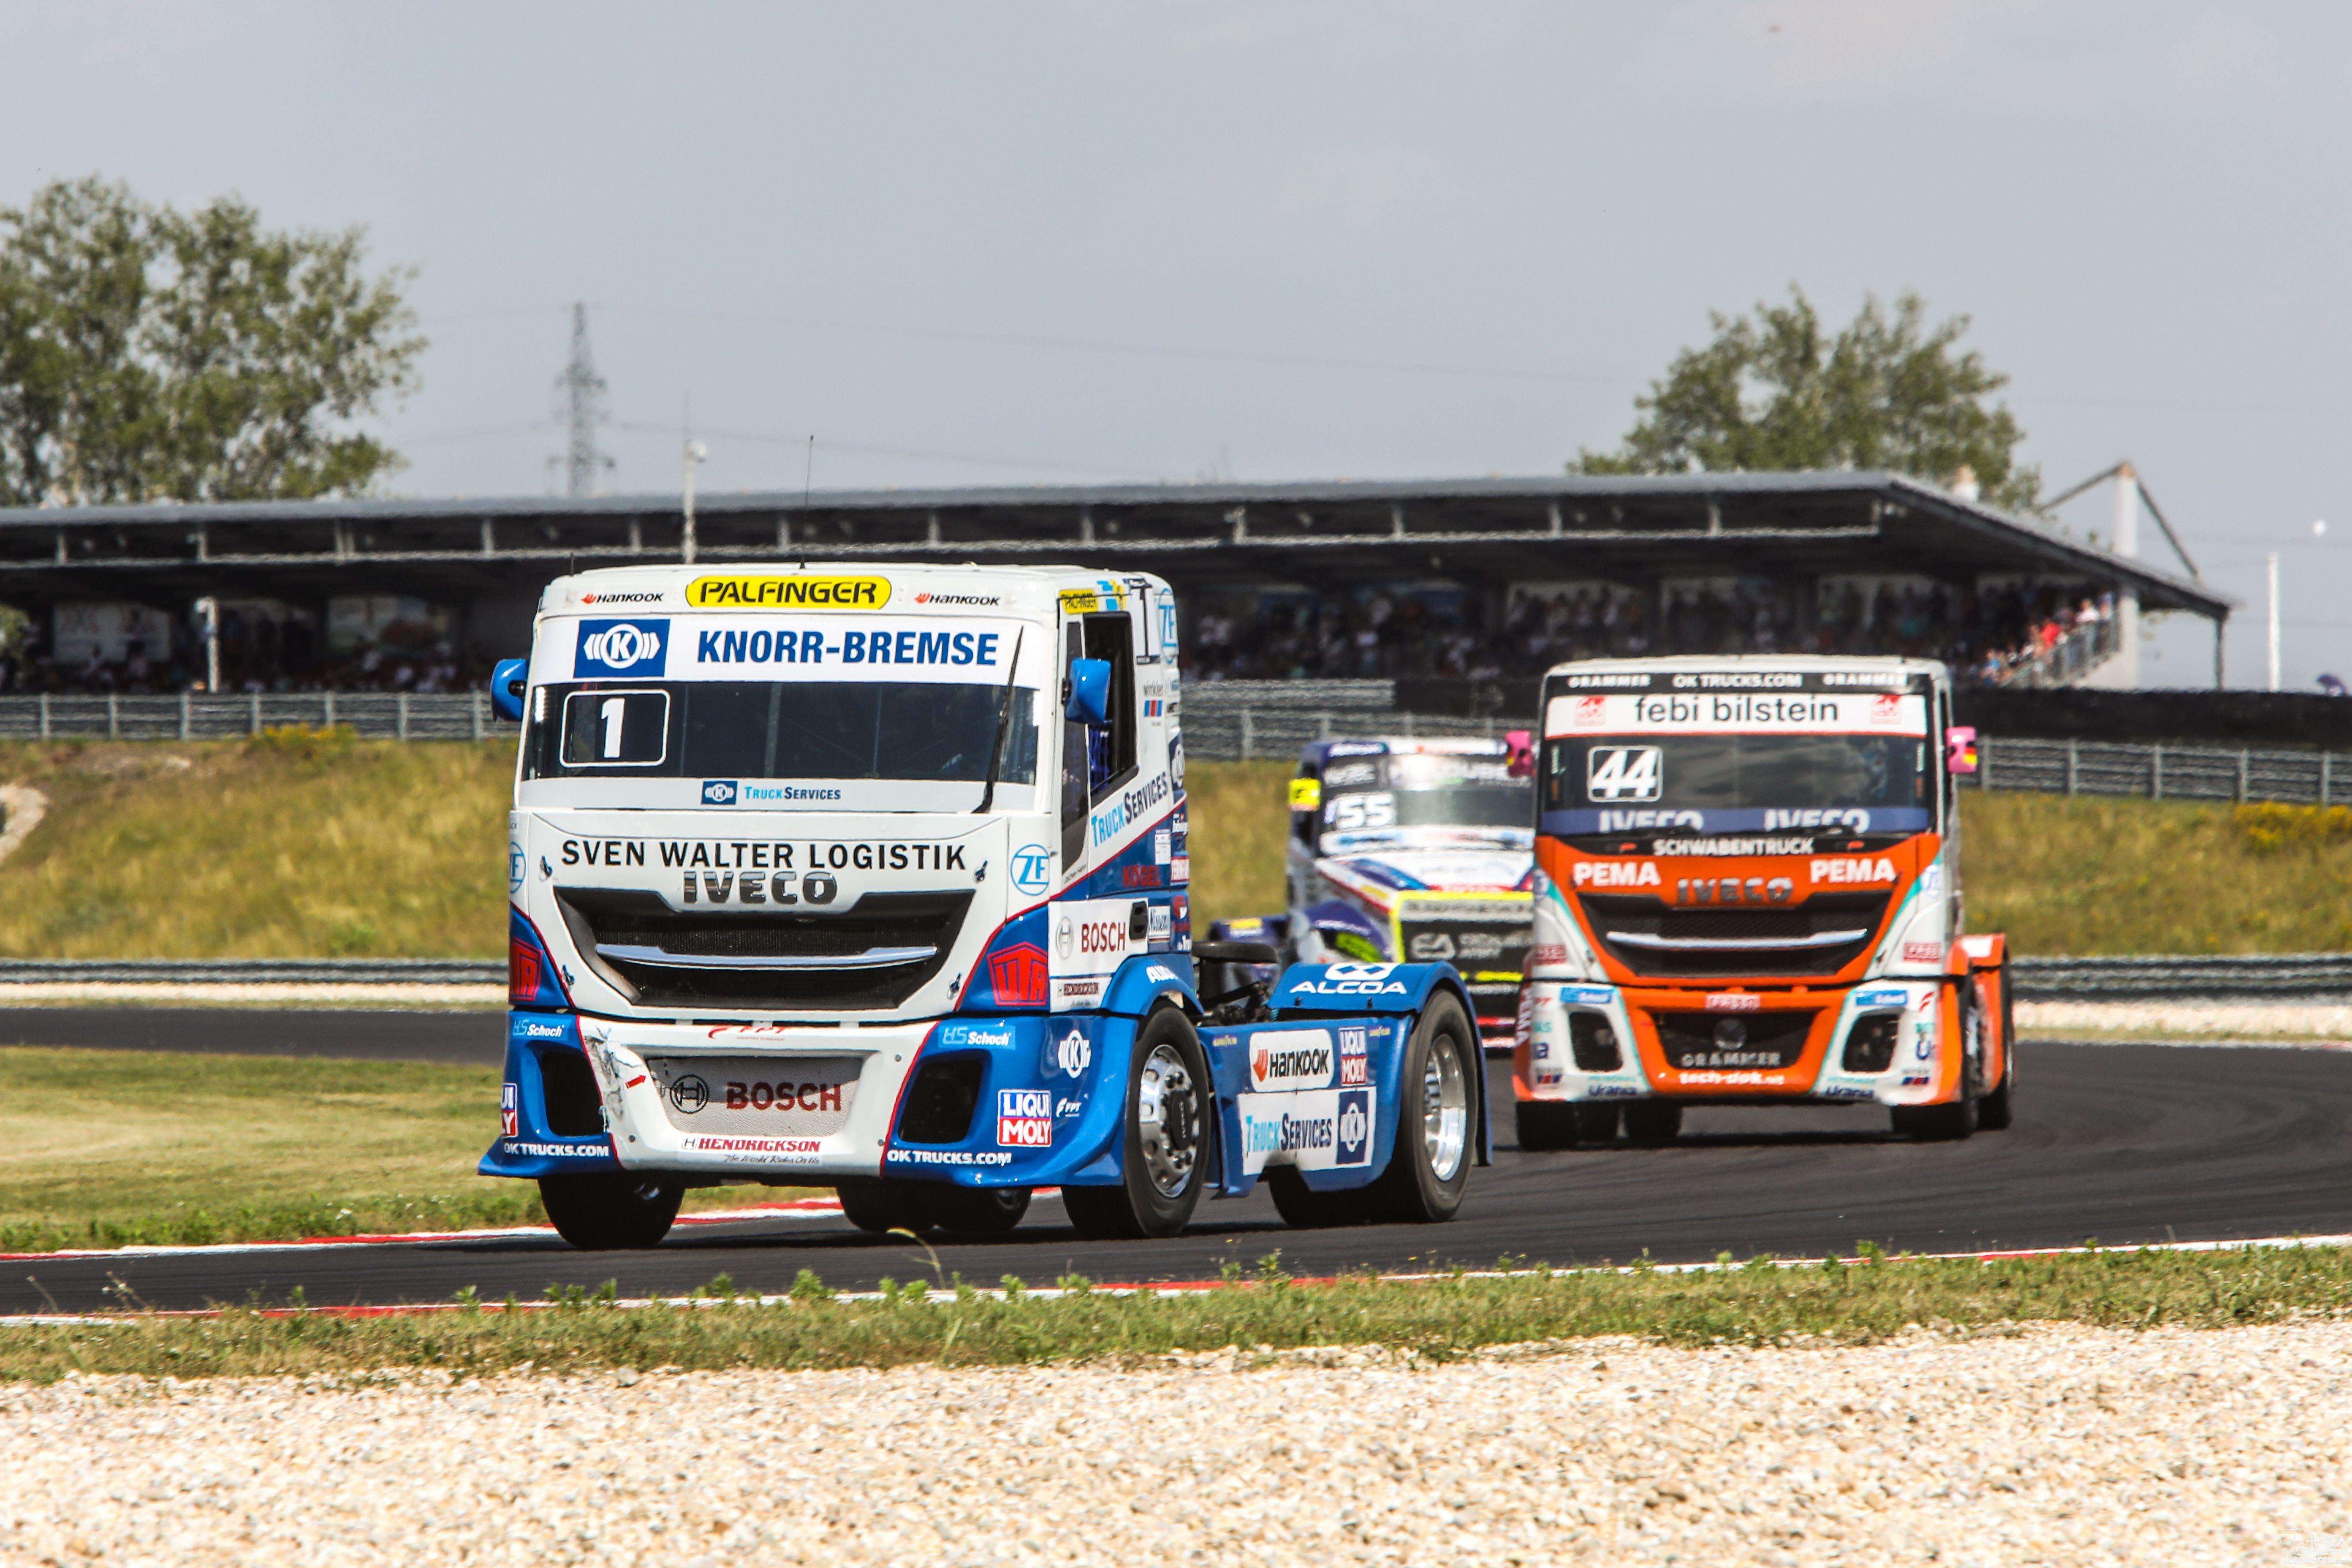 车队、车手双料冠军!依维柯在2019 FIA欧洲卡车锦标赛上大放光彩